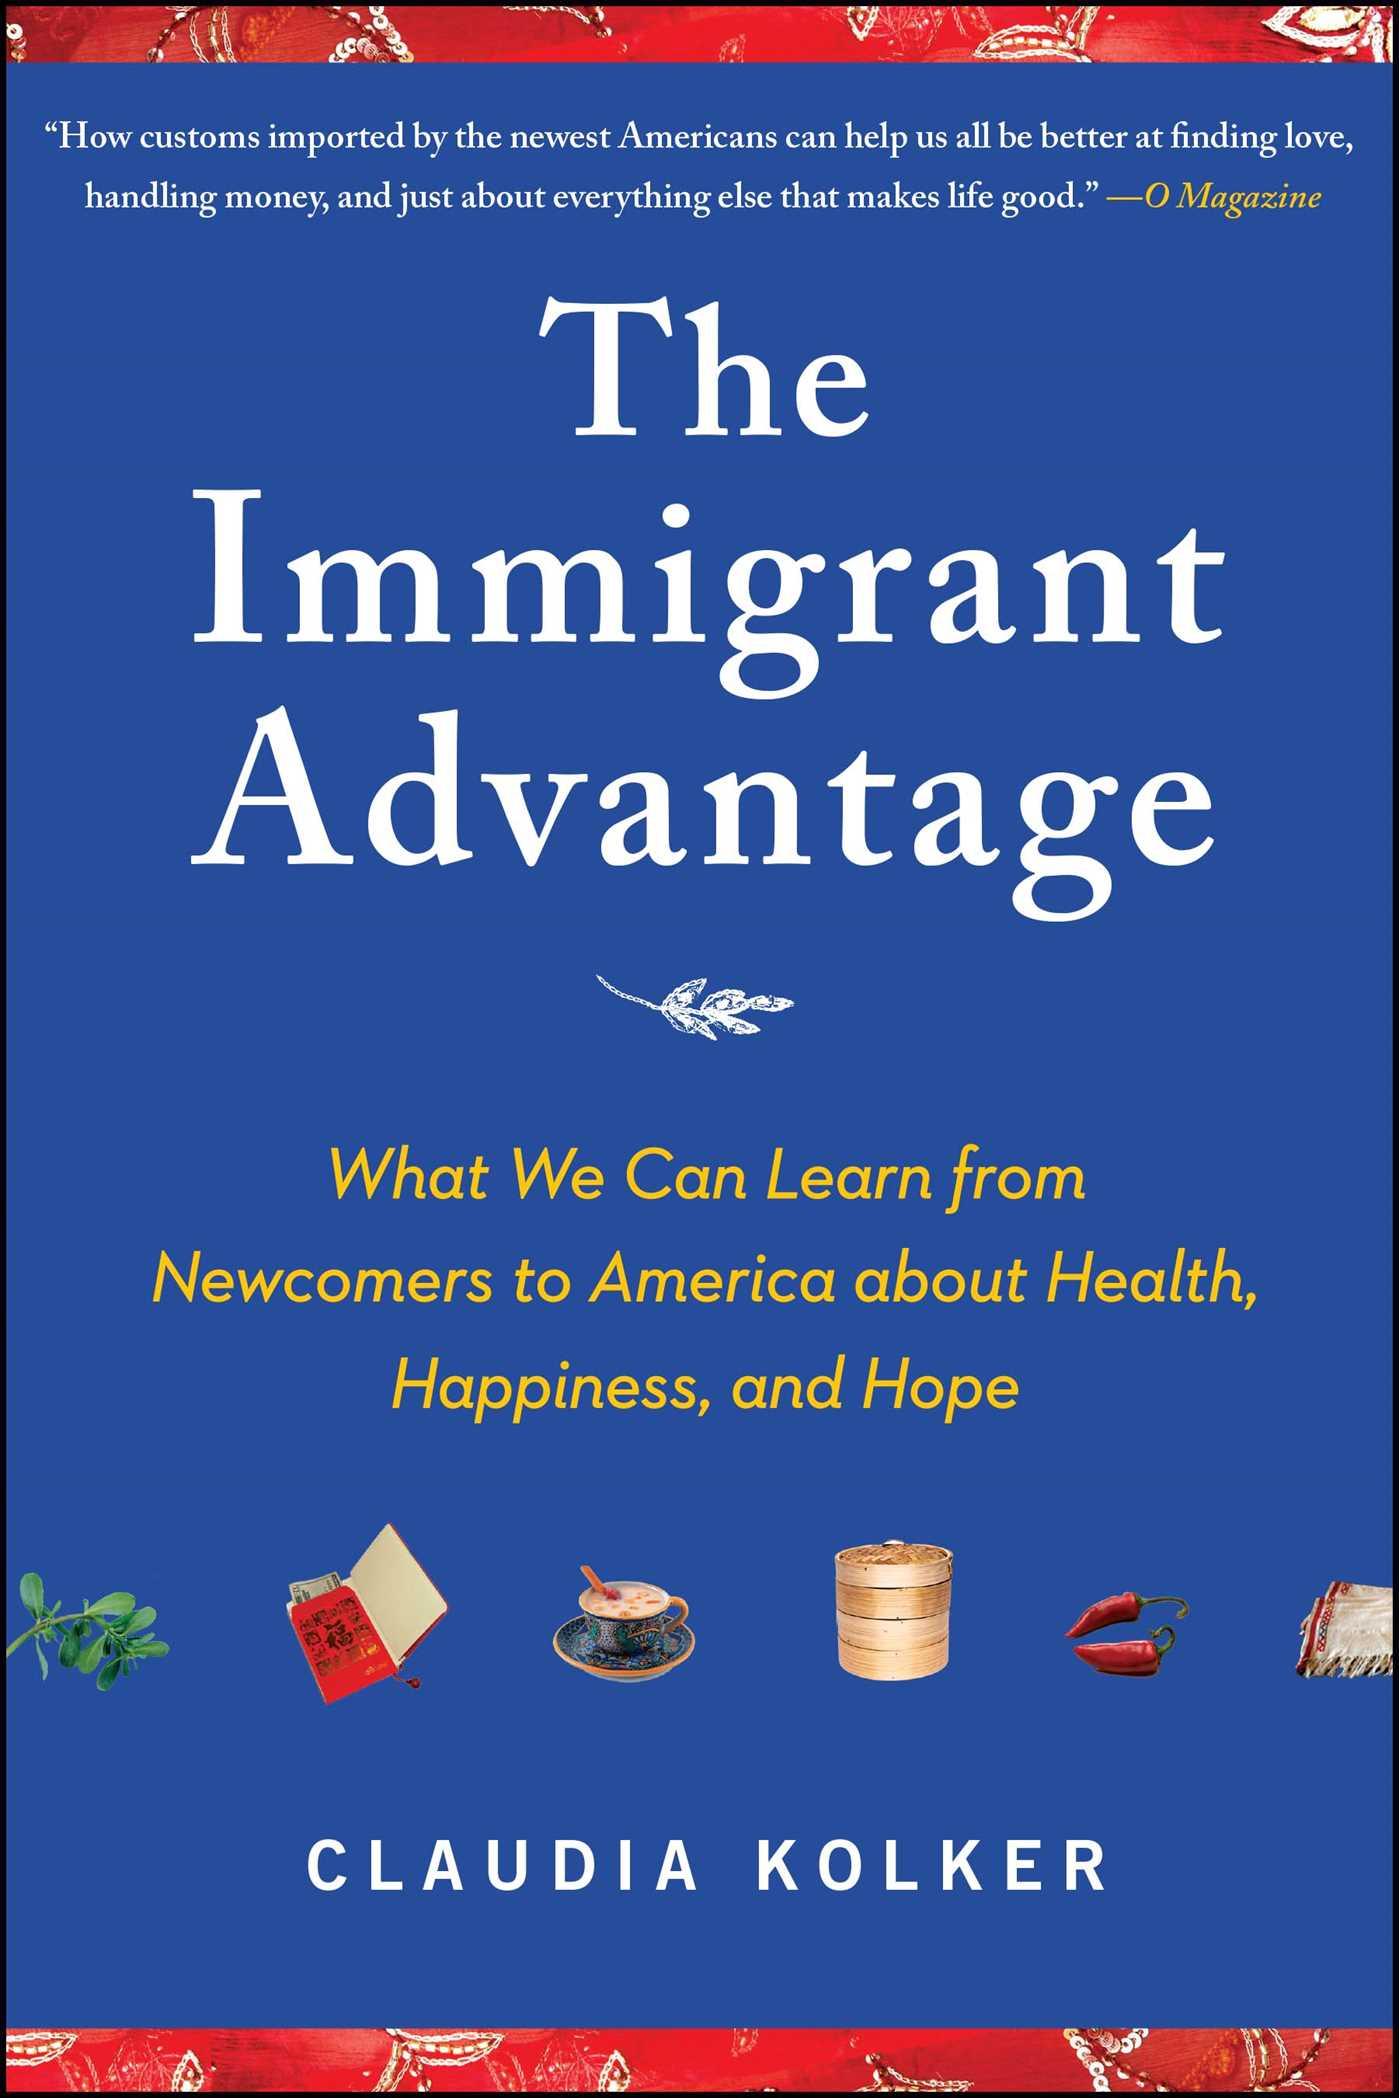 The immigrant advantage 9781416587118 hr